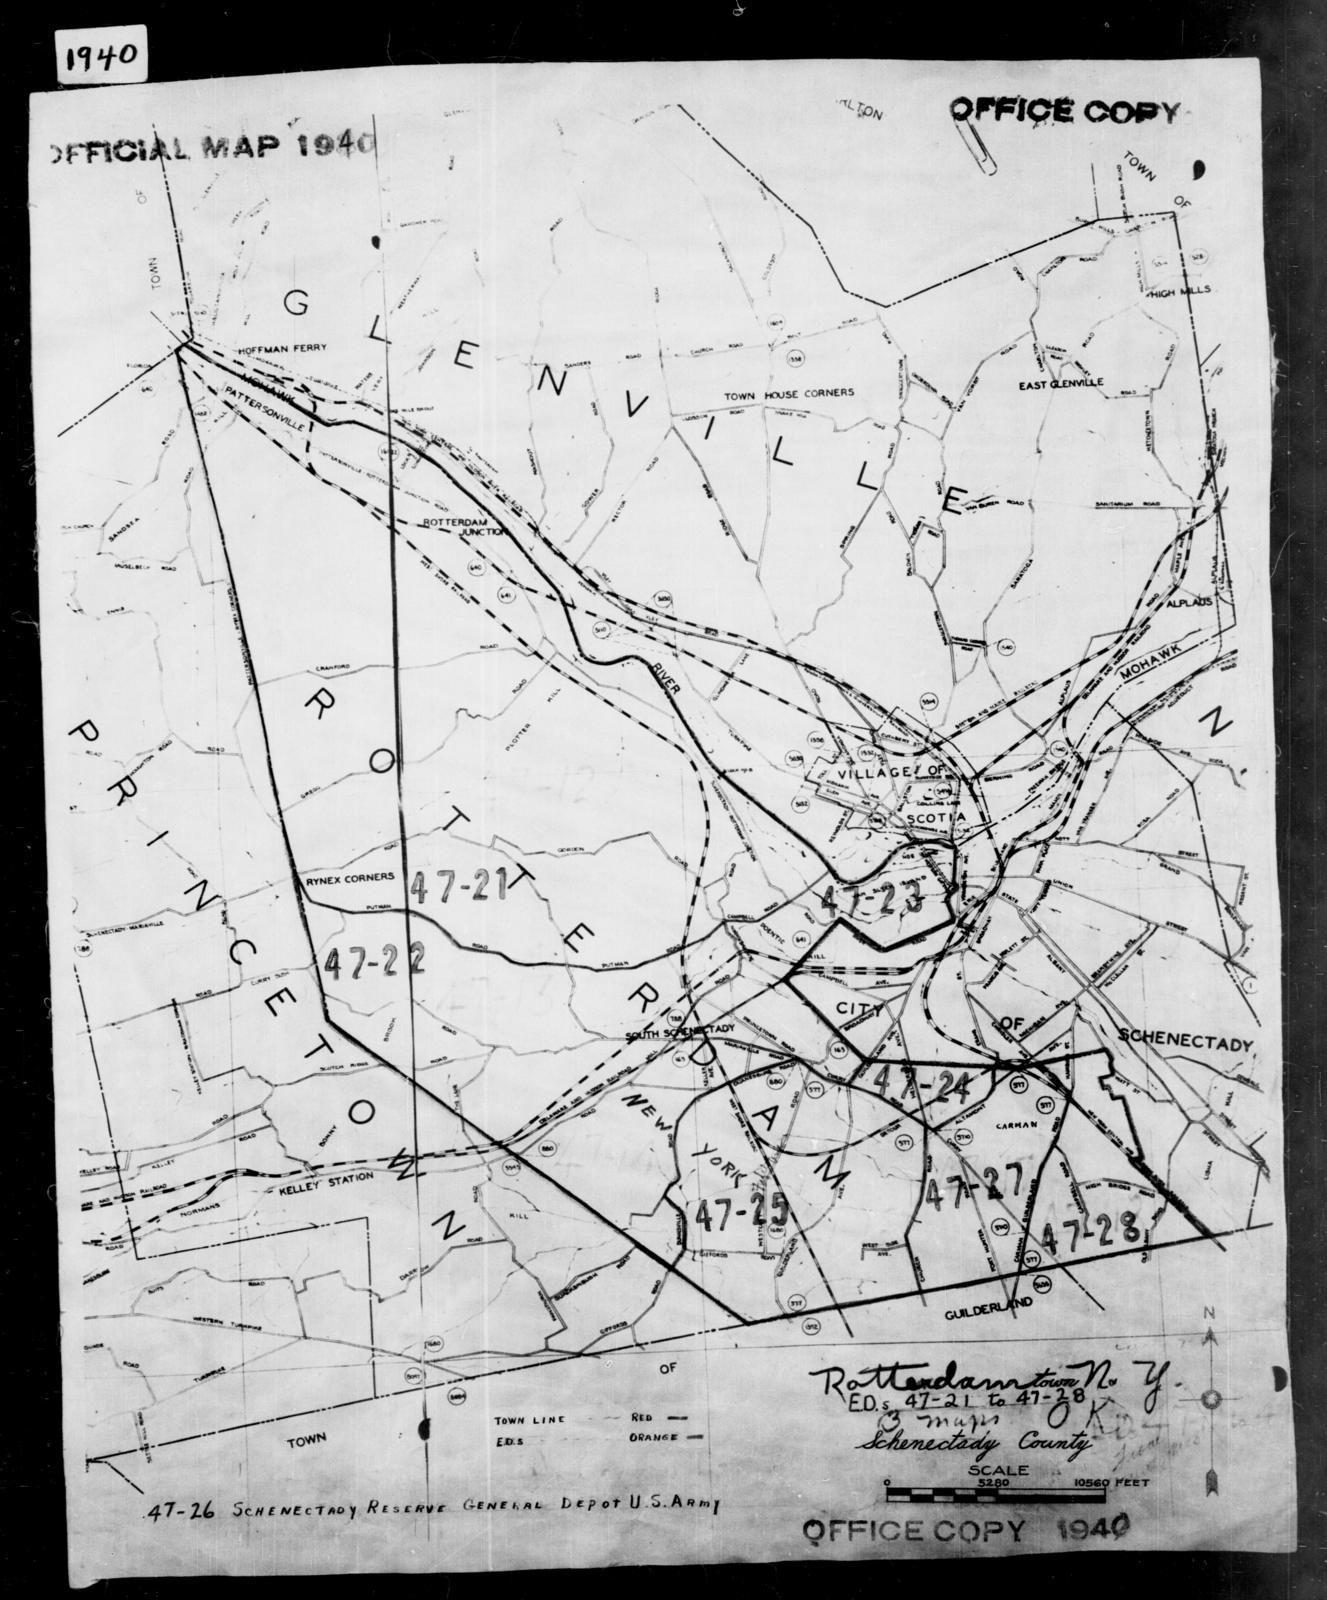 Schenectady New York Map.1940 Census Enumeration District Maps New York Schenectady